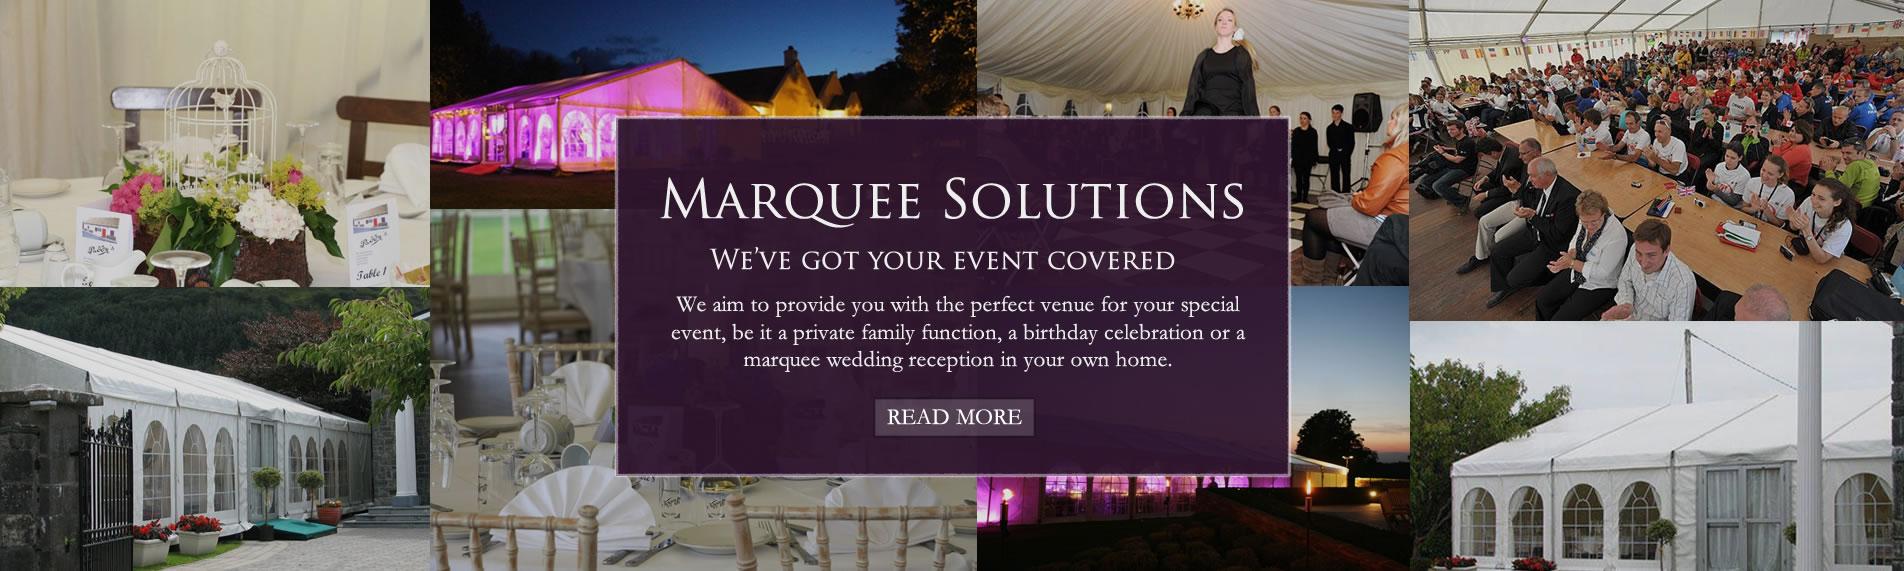 marquee solutions marquee hire mayo, sligo, galway, donegal and Wedding Hire Sligo Wedding Hire Sligo #10 wedding hire gold coast